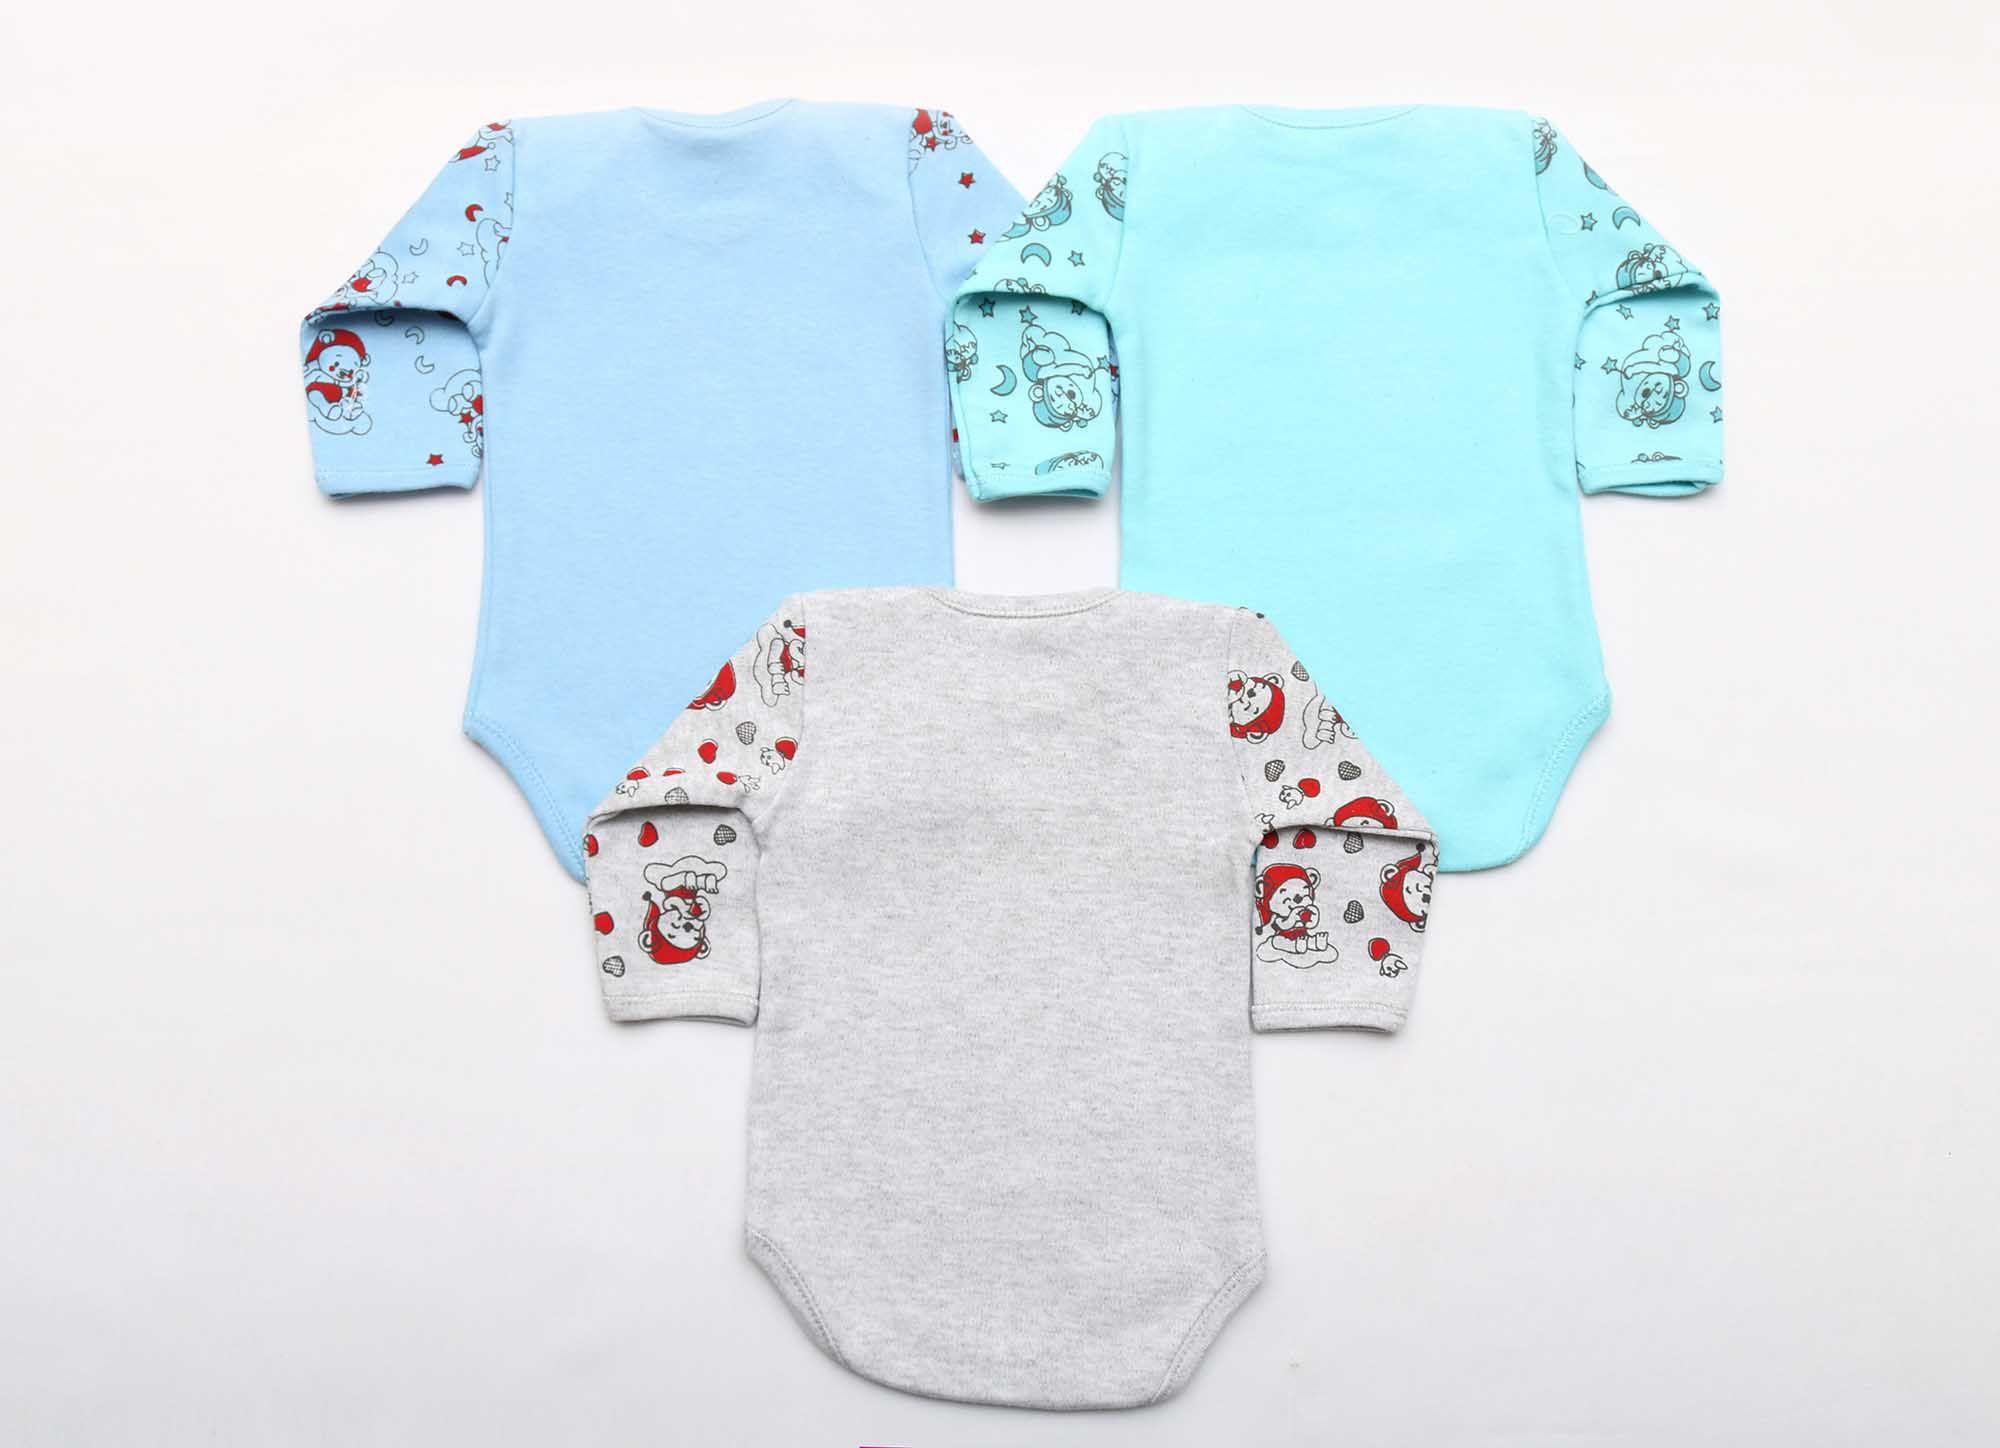 Kit Body Bebê 3 Peças Menino Azul e Mescla Soneca